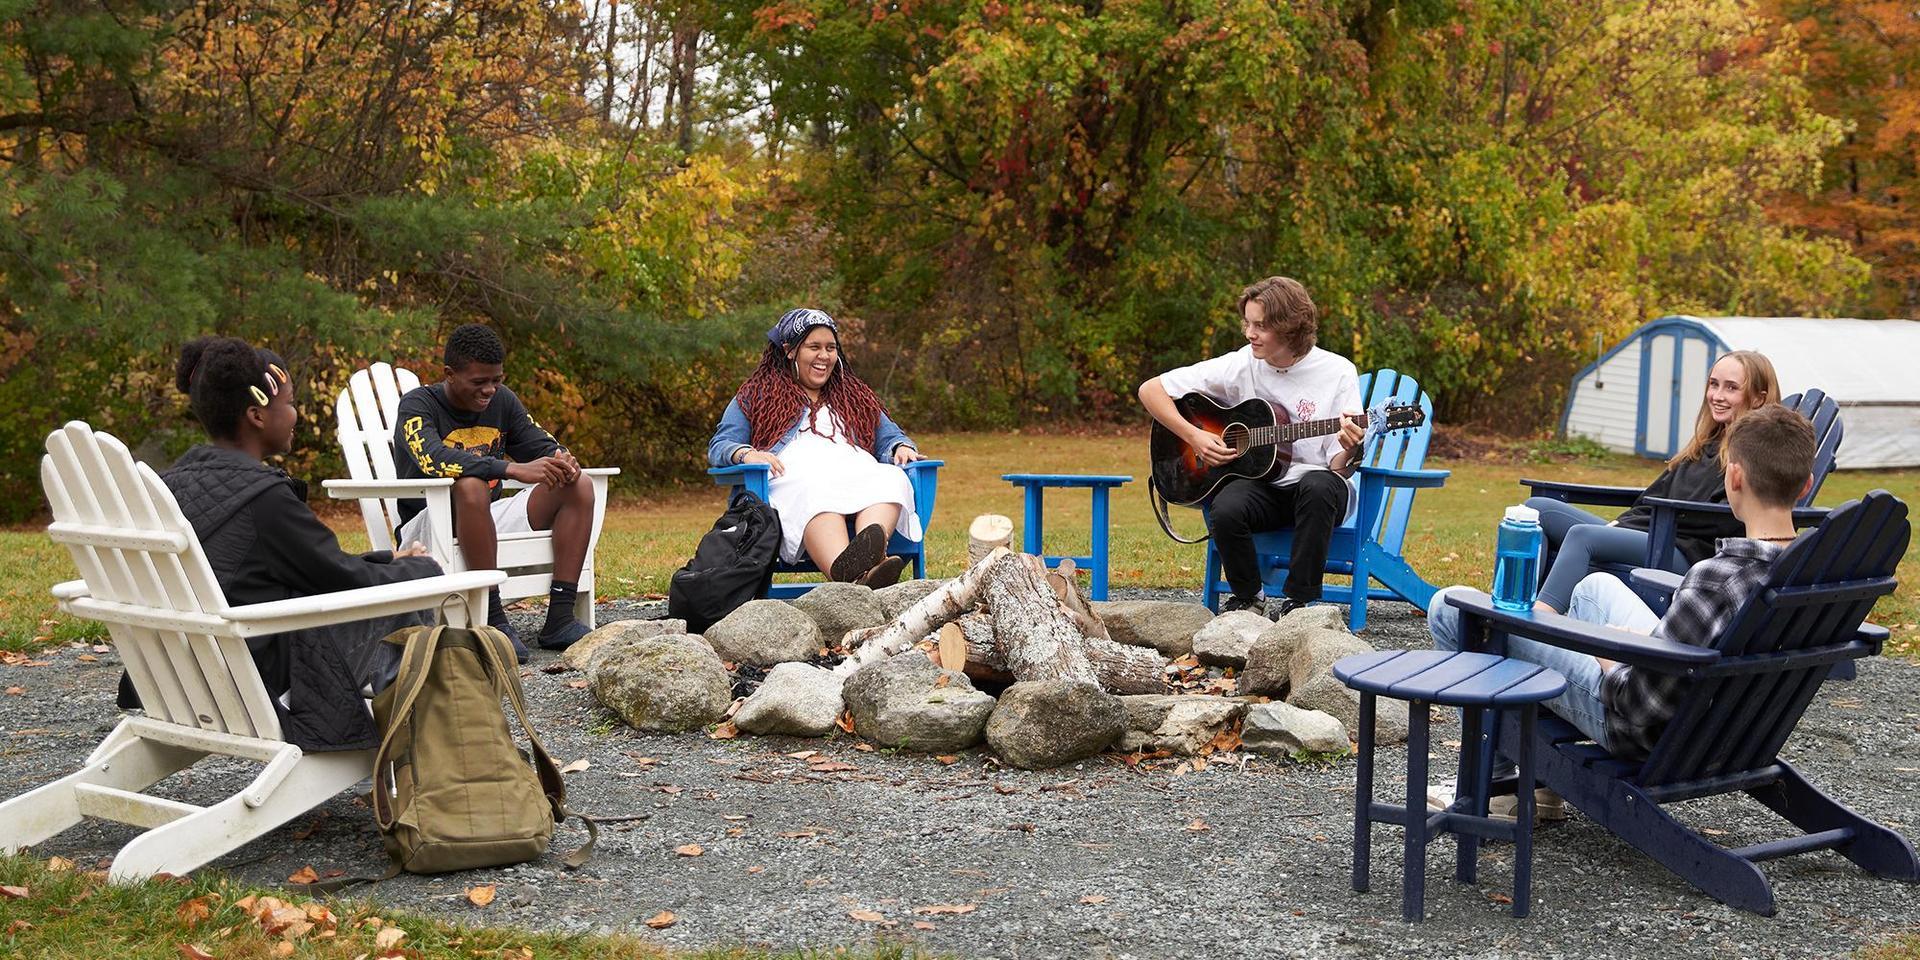 围坐在火坑旁的一群学生.